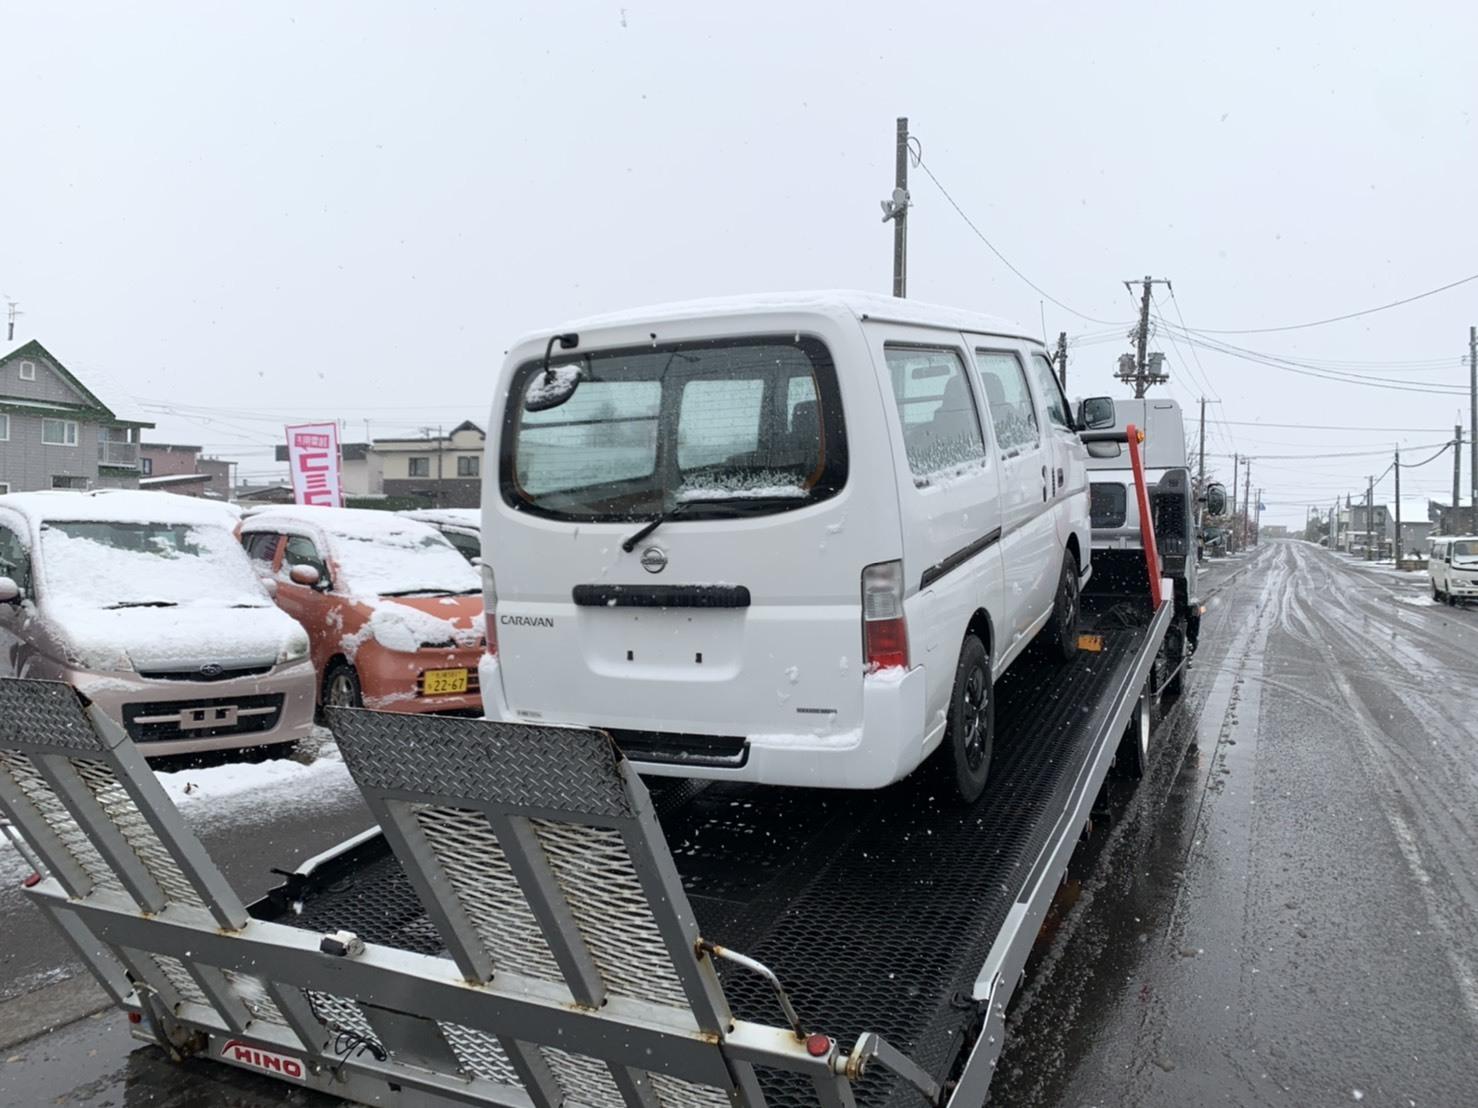 11月15日(金)アウディA6 T様納車✨ 除雪車あります✊ランクル エスカレード ヴェルファイア ♡TOMMY♡_b0127002_16415944.jpg